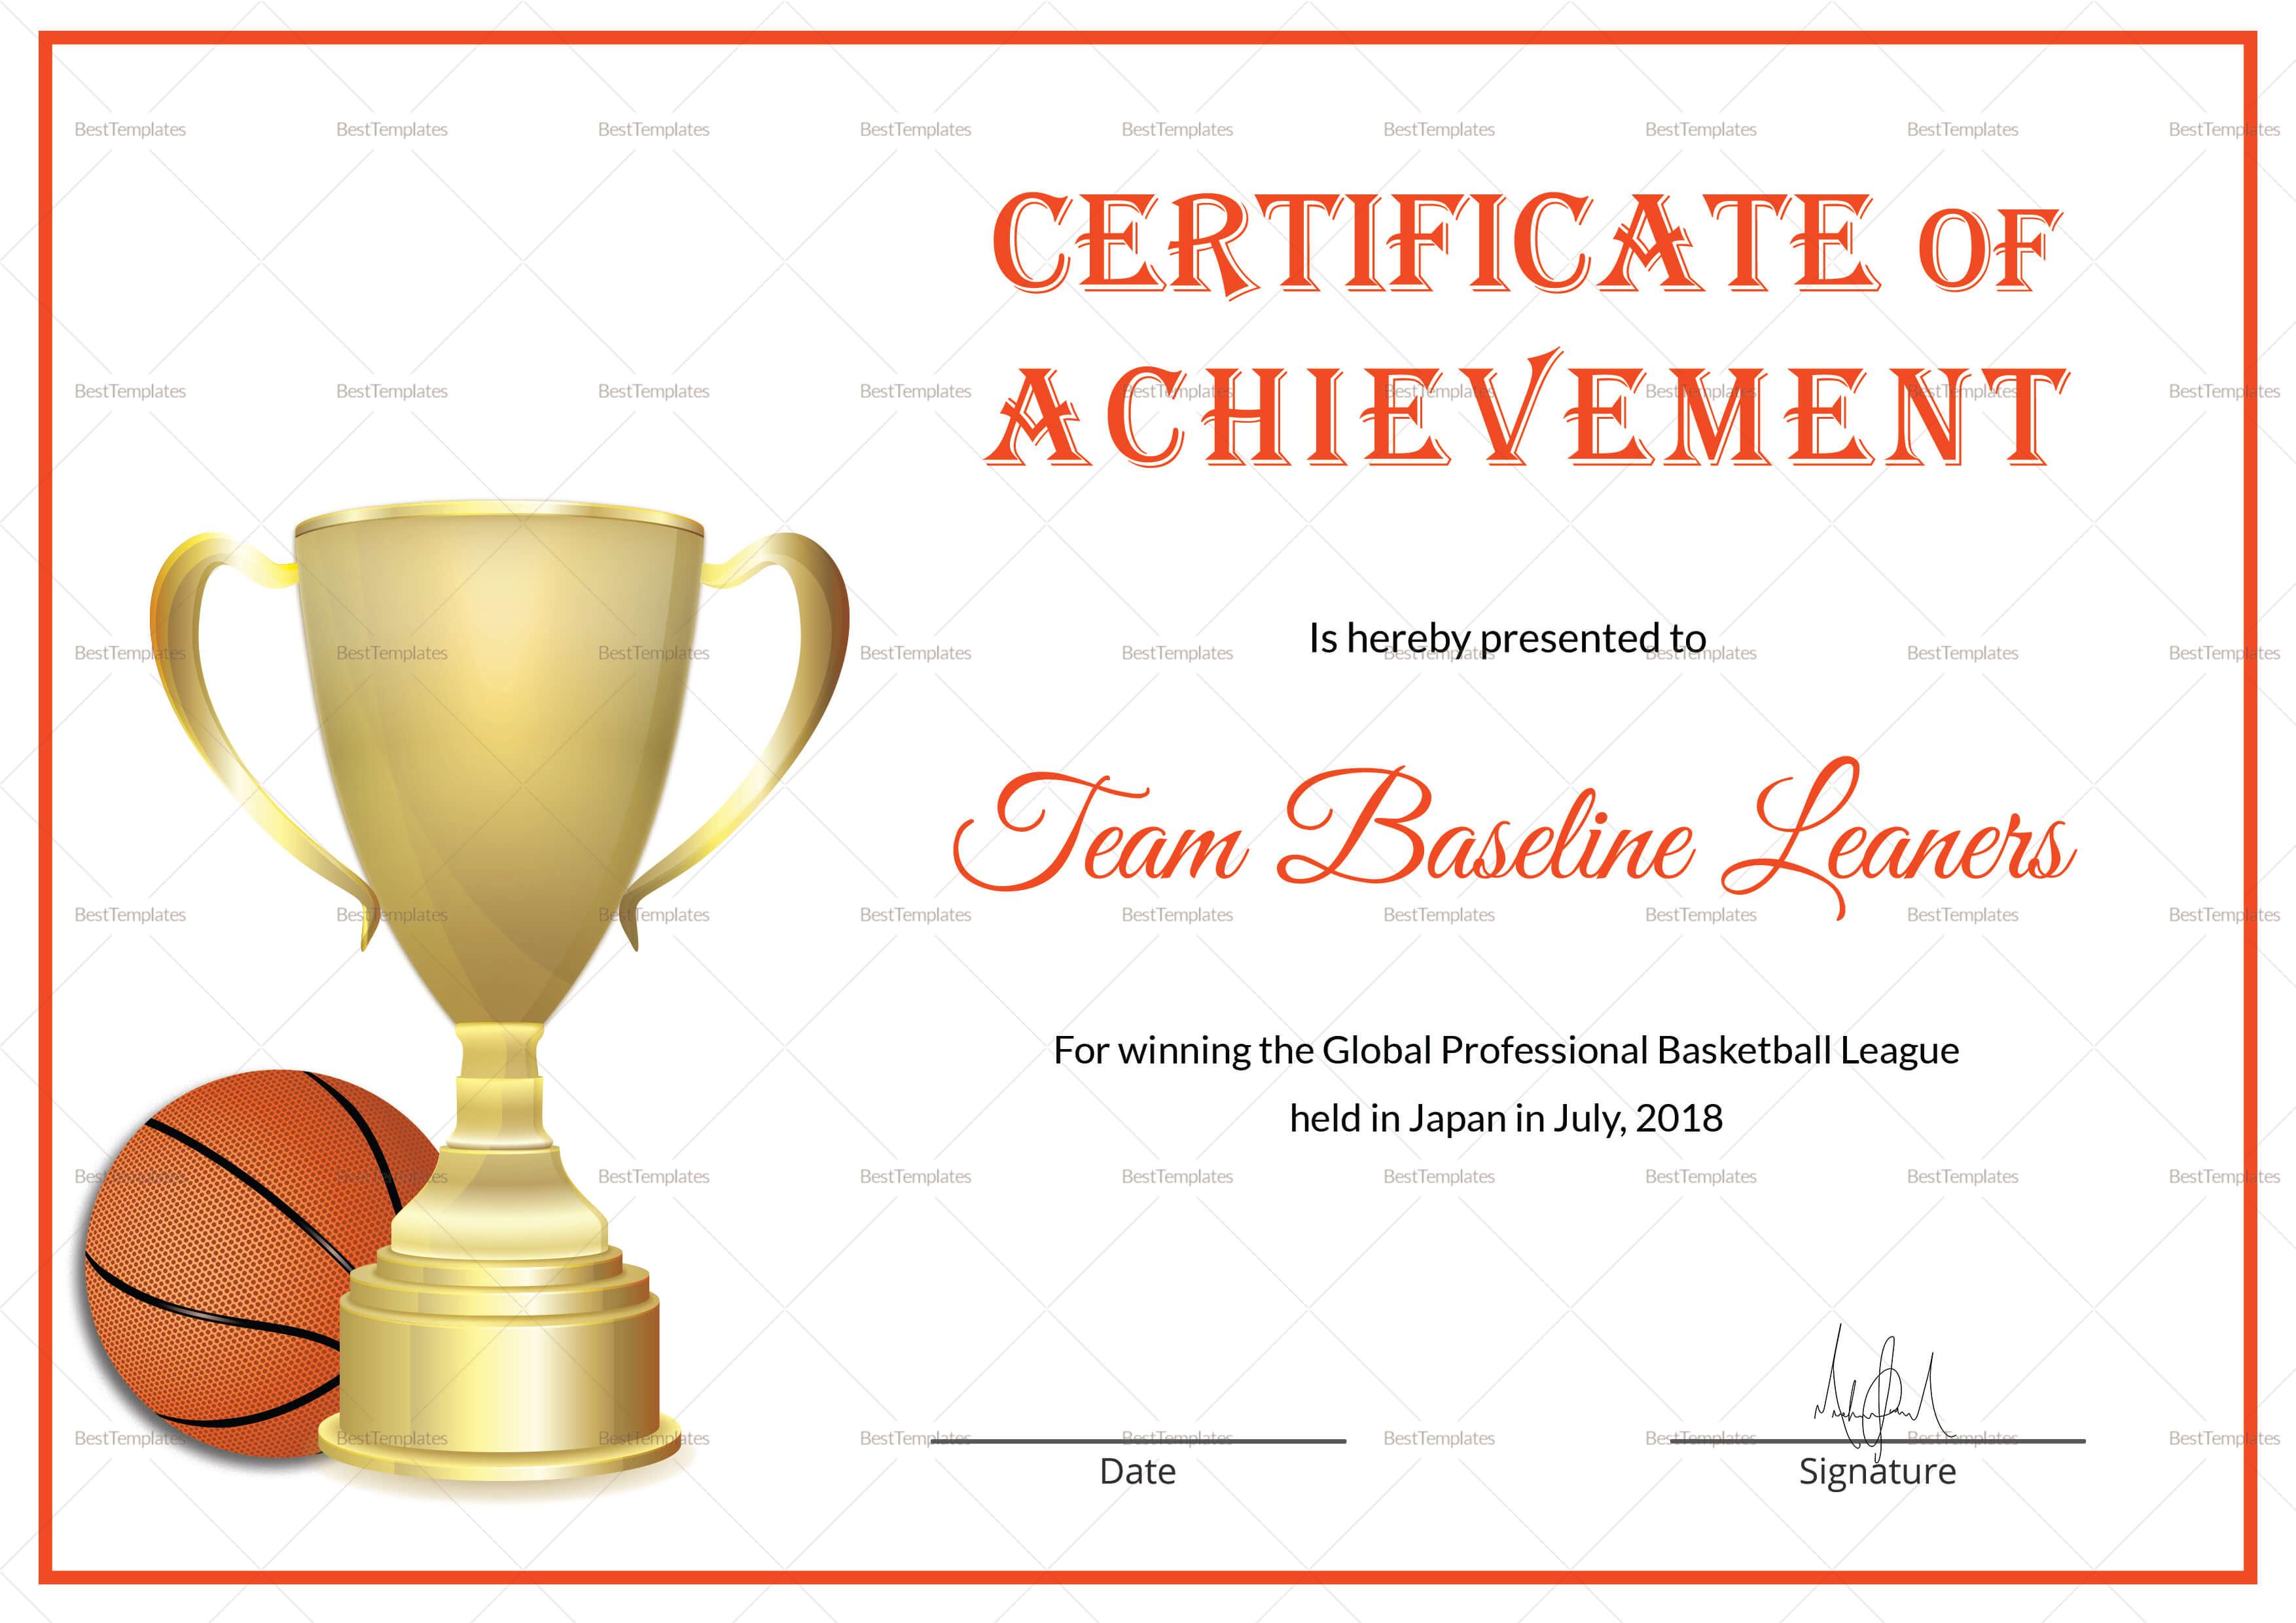 Basketball Achievement Certificate Template With Regard To Basketball Certificate Template